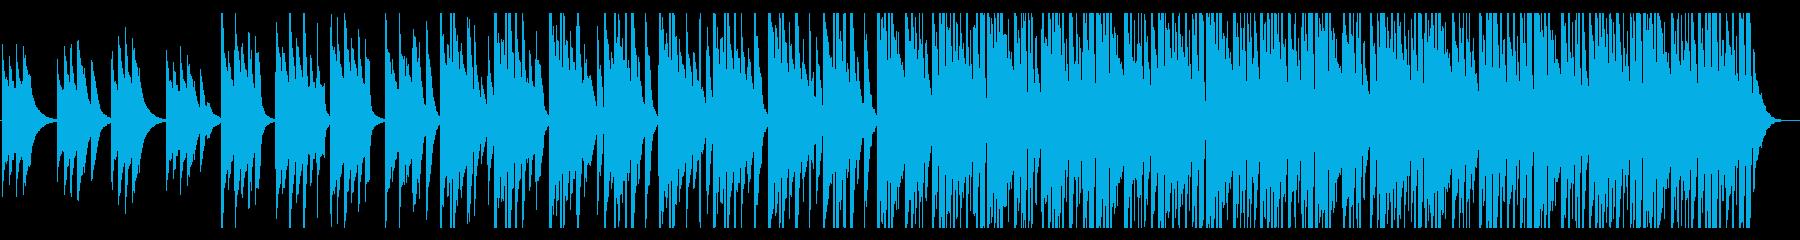 民族的/探検_No429_3の再生済みの波形